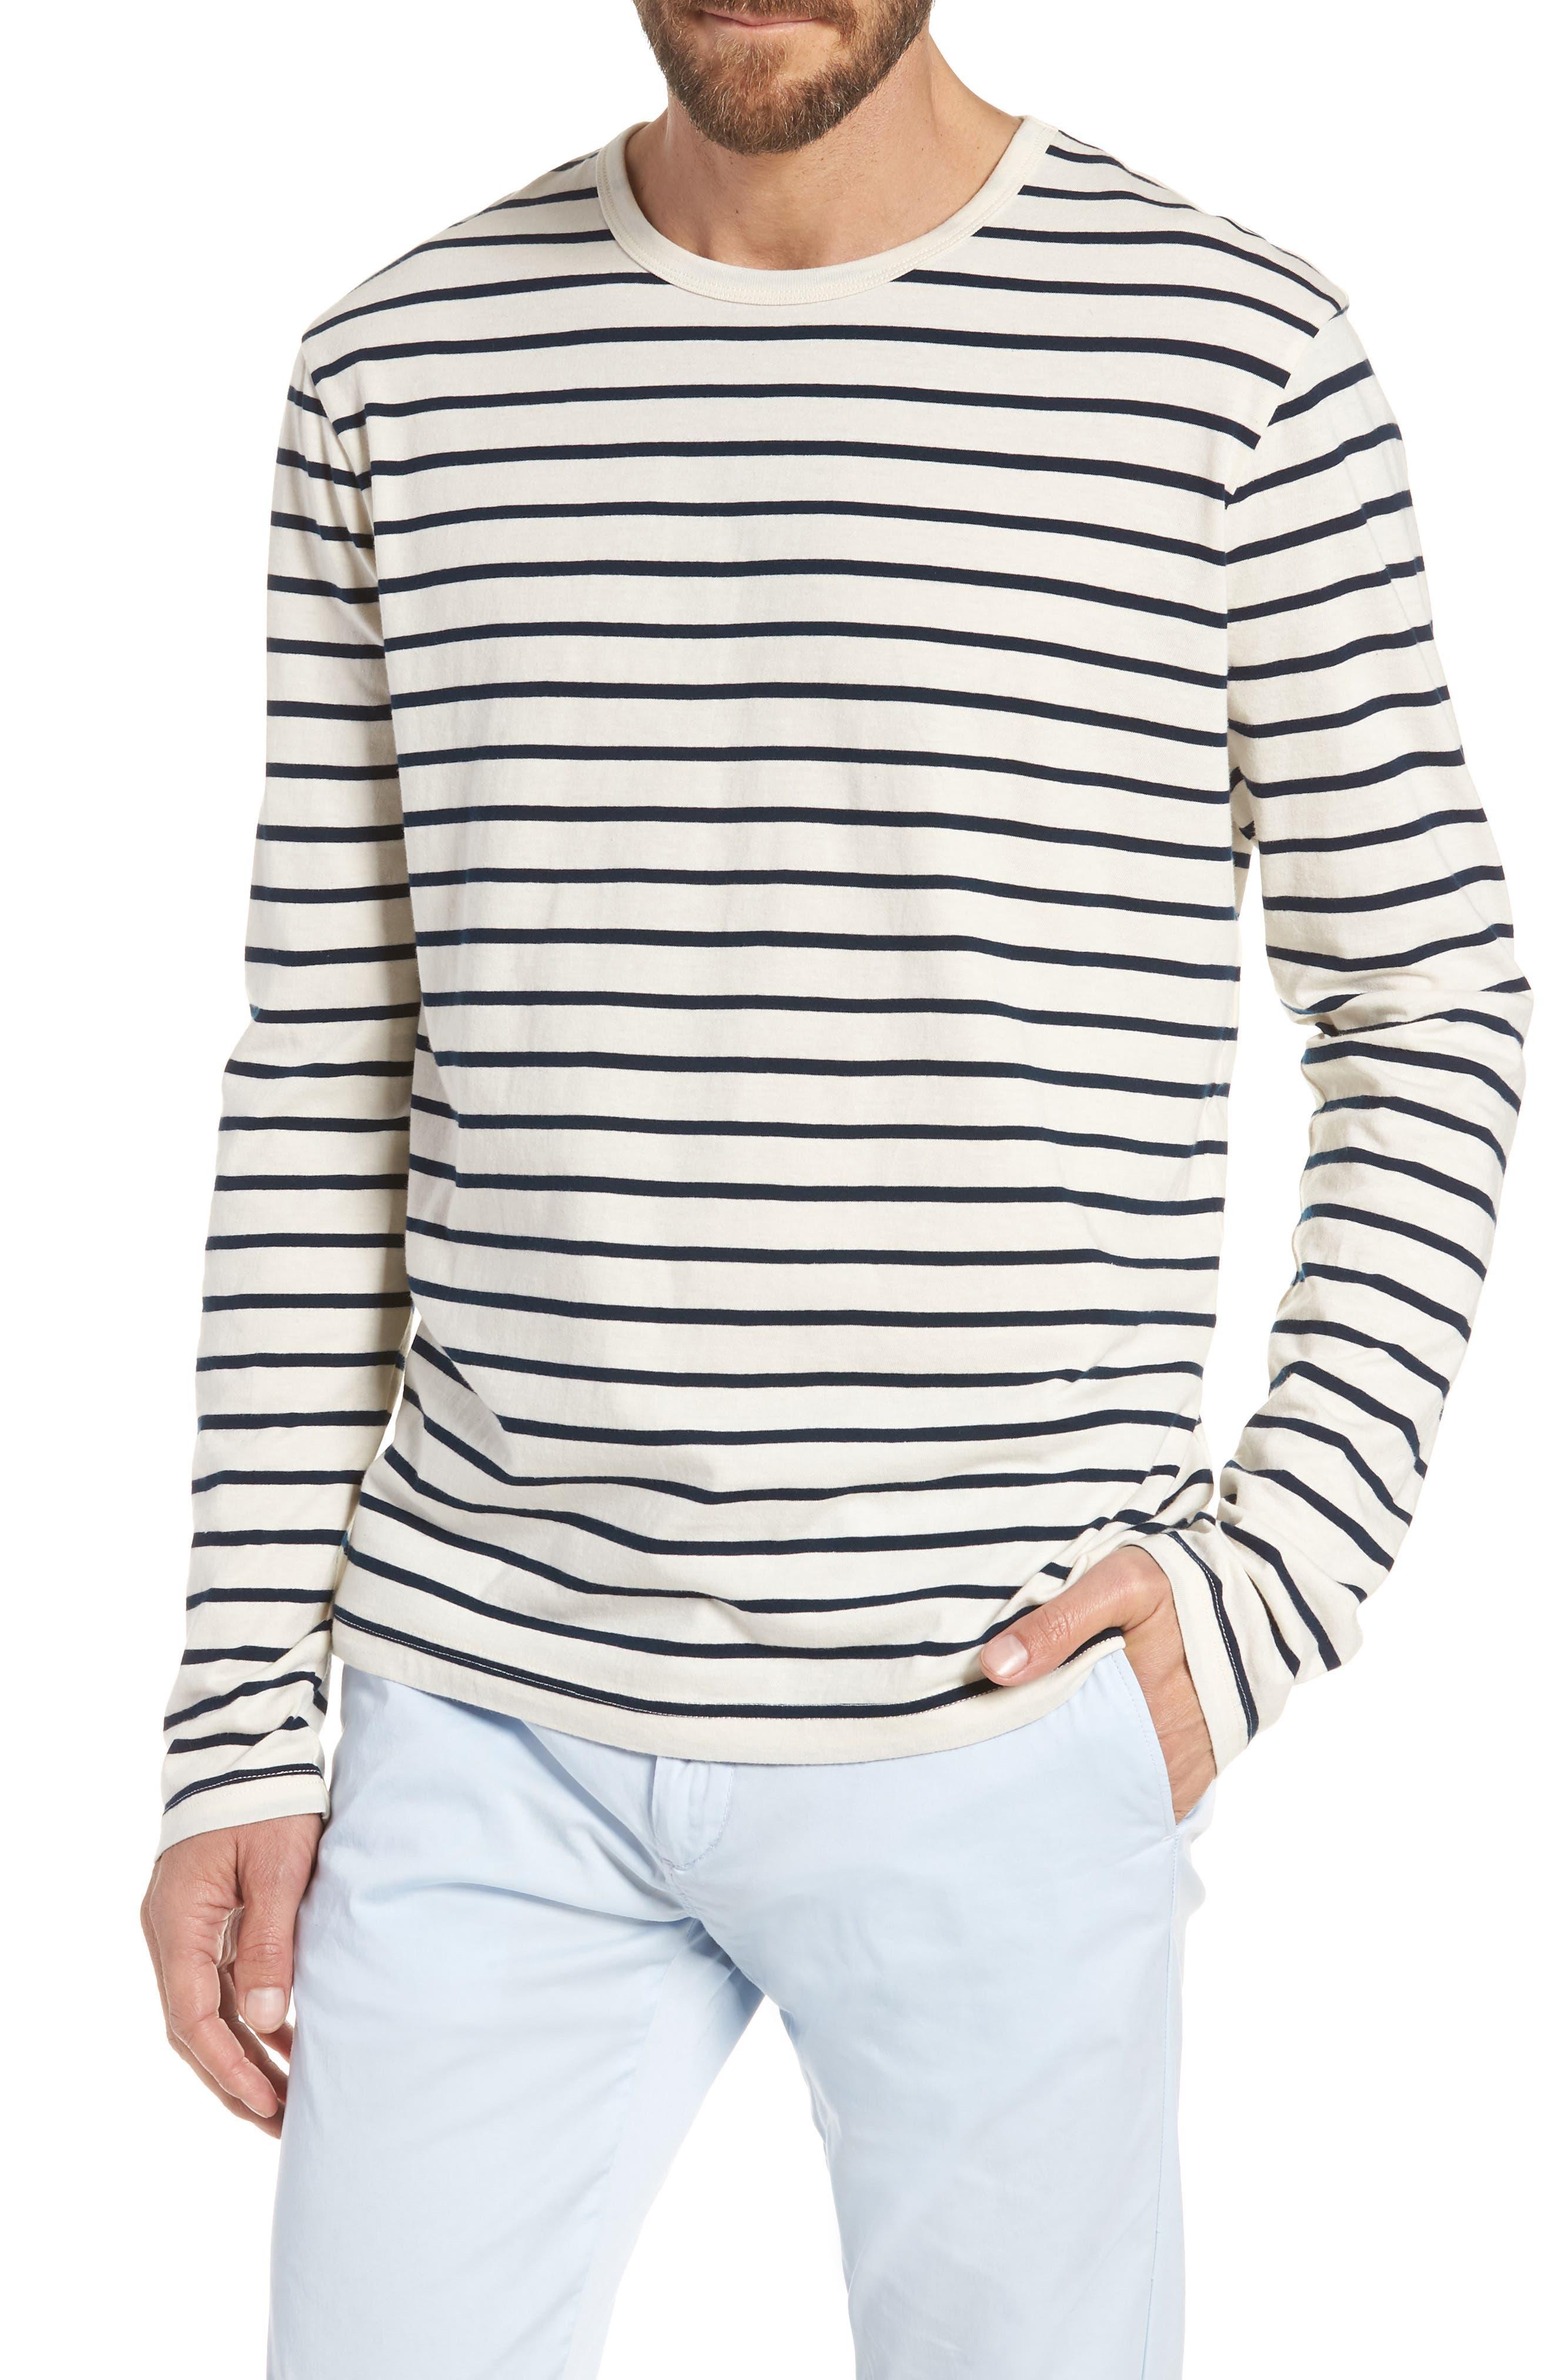 Mercantile Stripe Long Sleeve T-Shirt,                             Main thumbnail 1, color,                             100